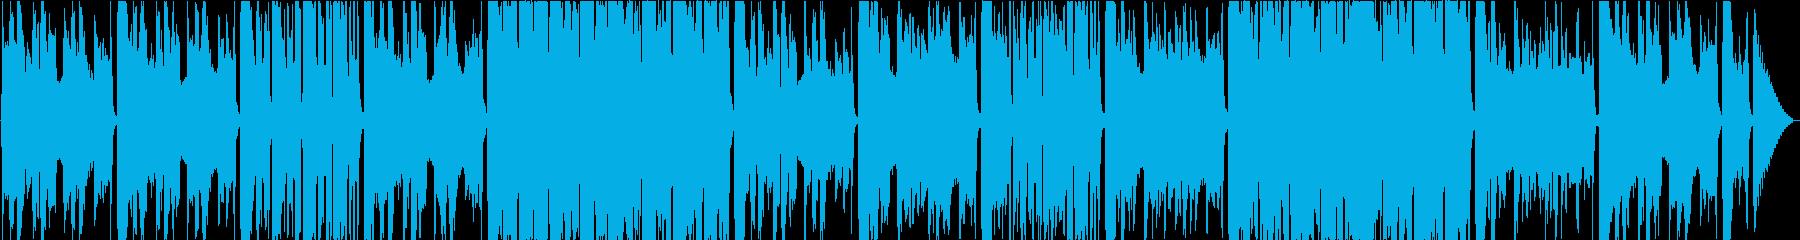 洋風民謡、おだやか/静かめの再生済みの波形